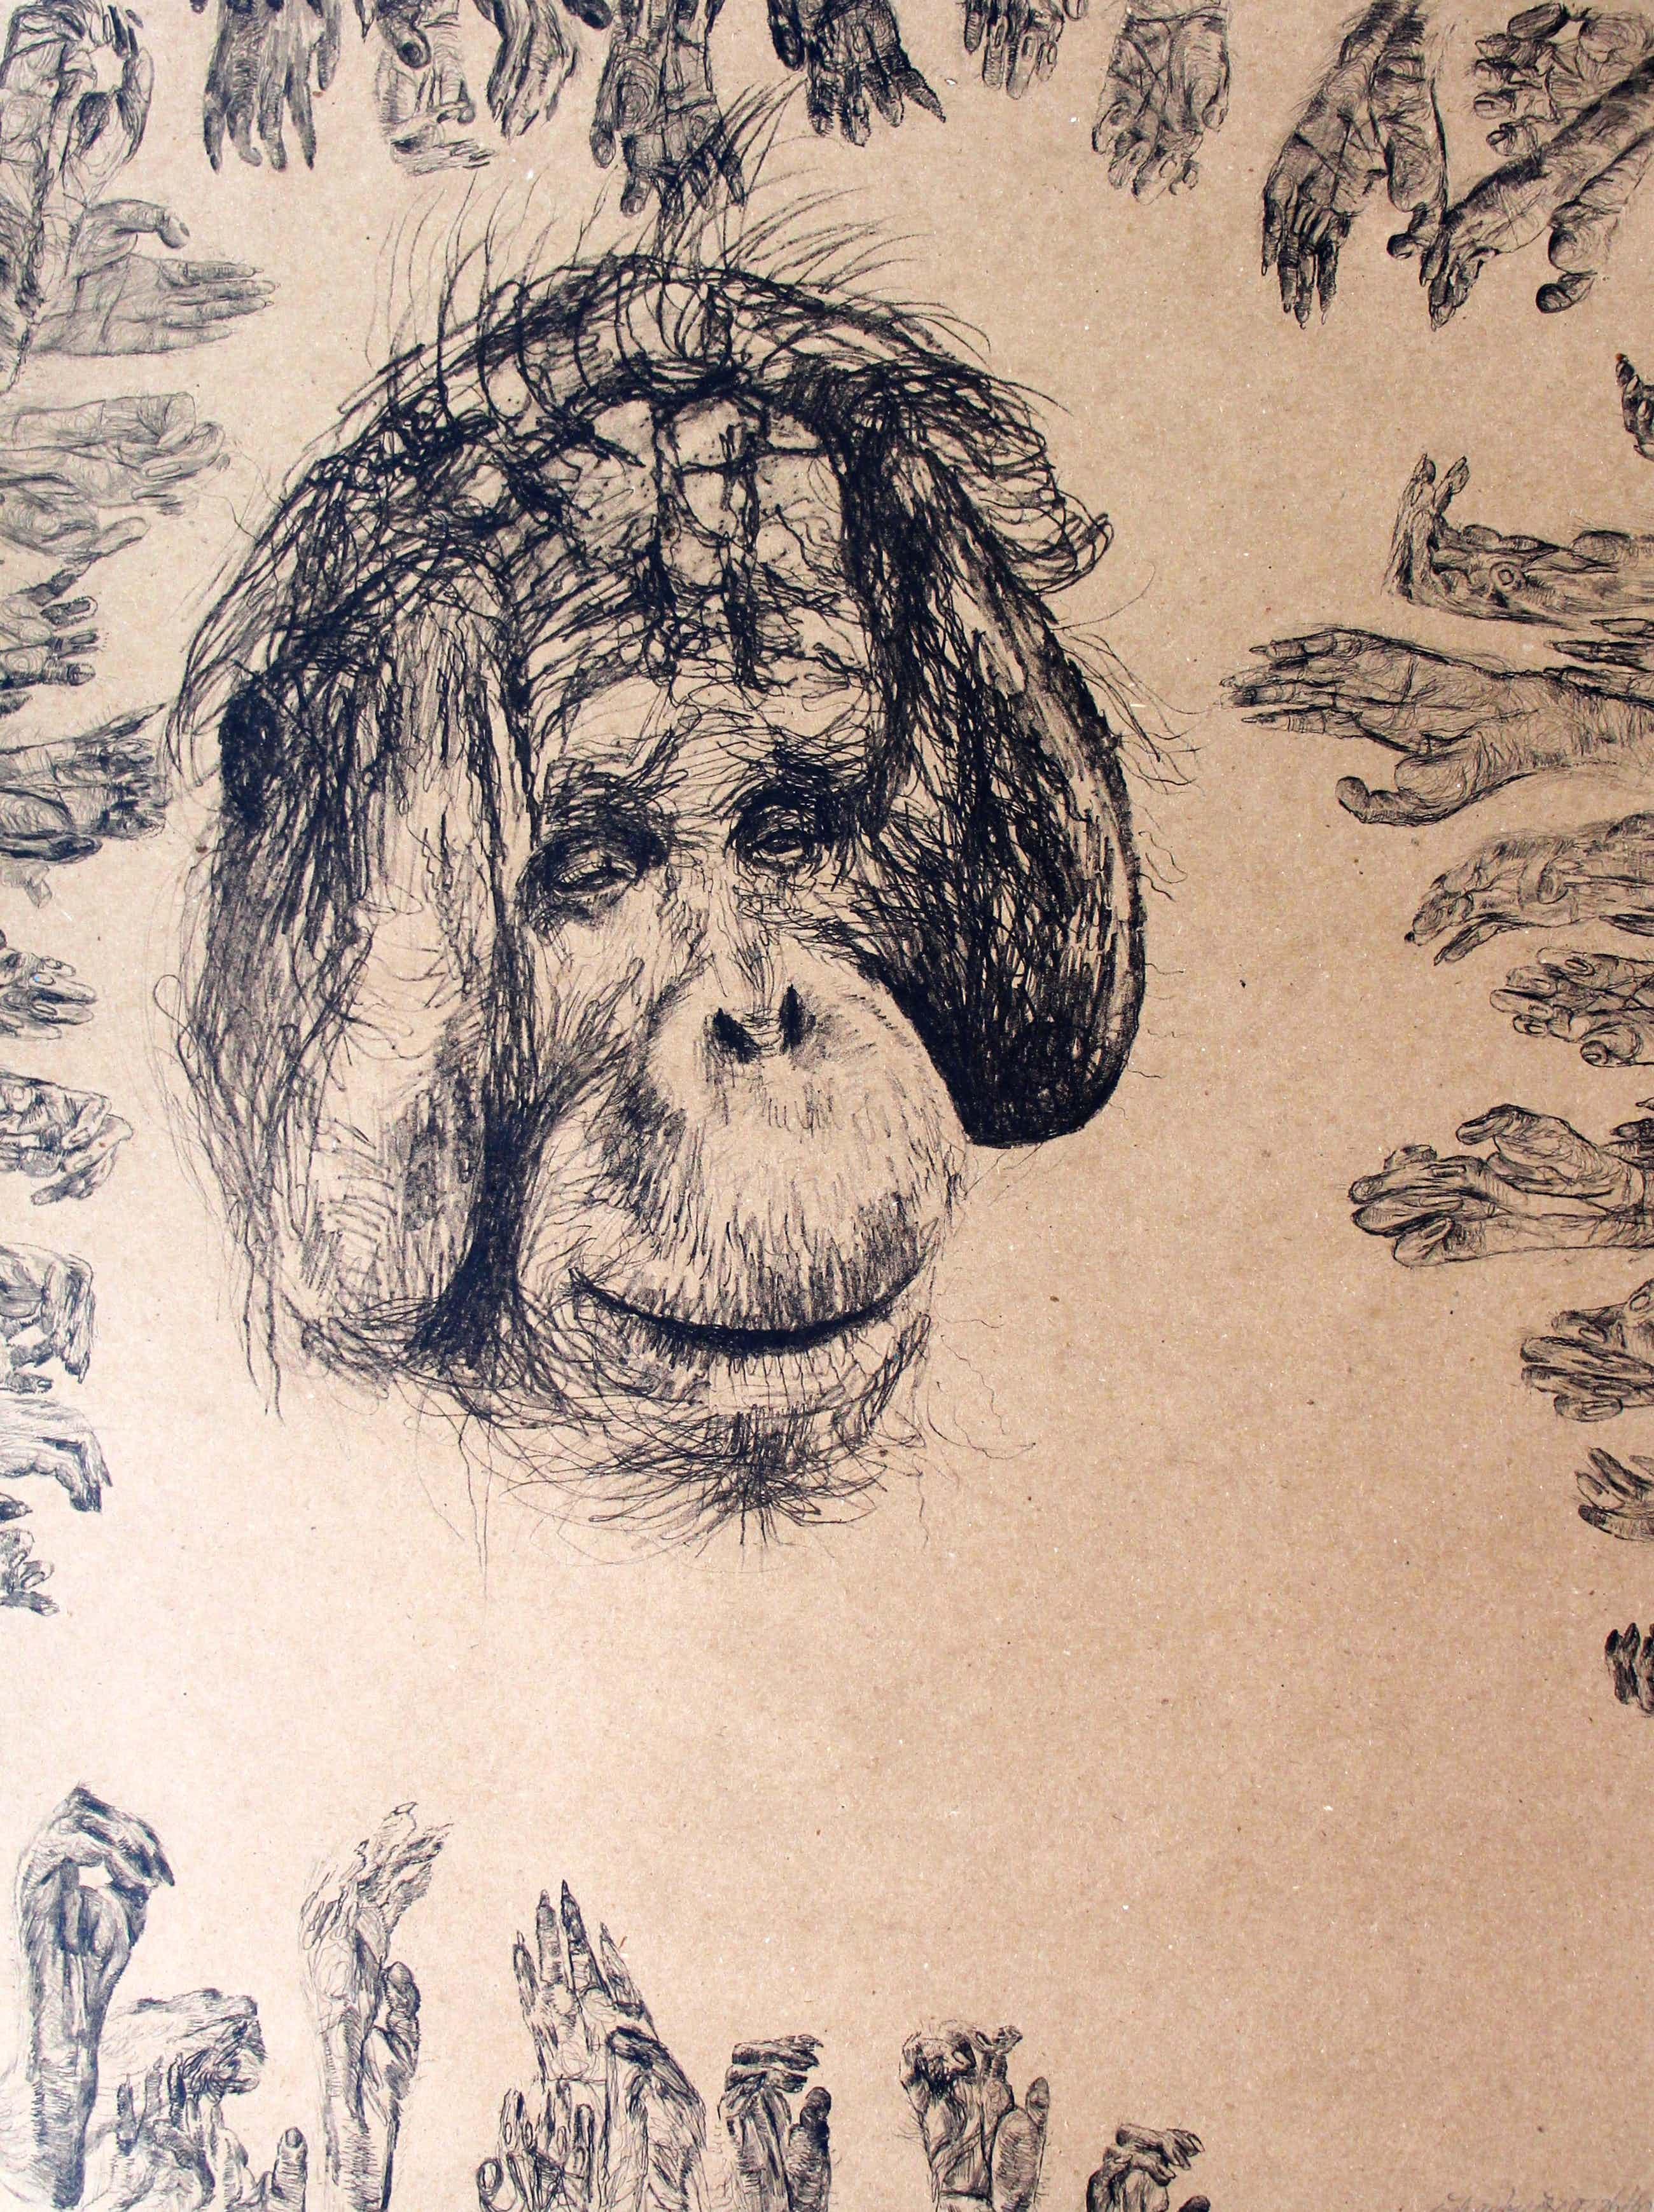 Erik Andriesse - litho op bruin papier: Sam - 1992 kopen? Bied vanaf 495!